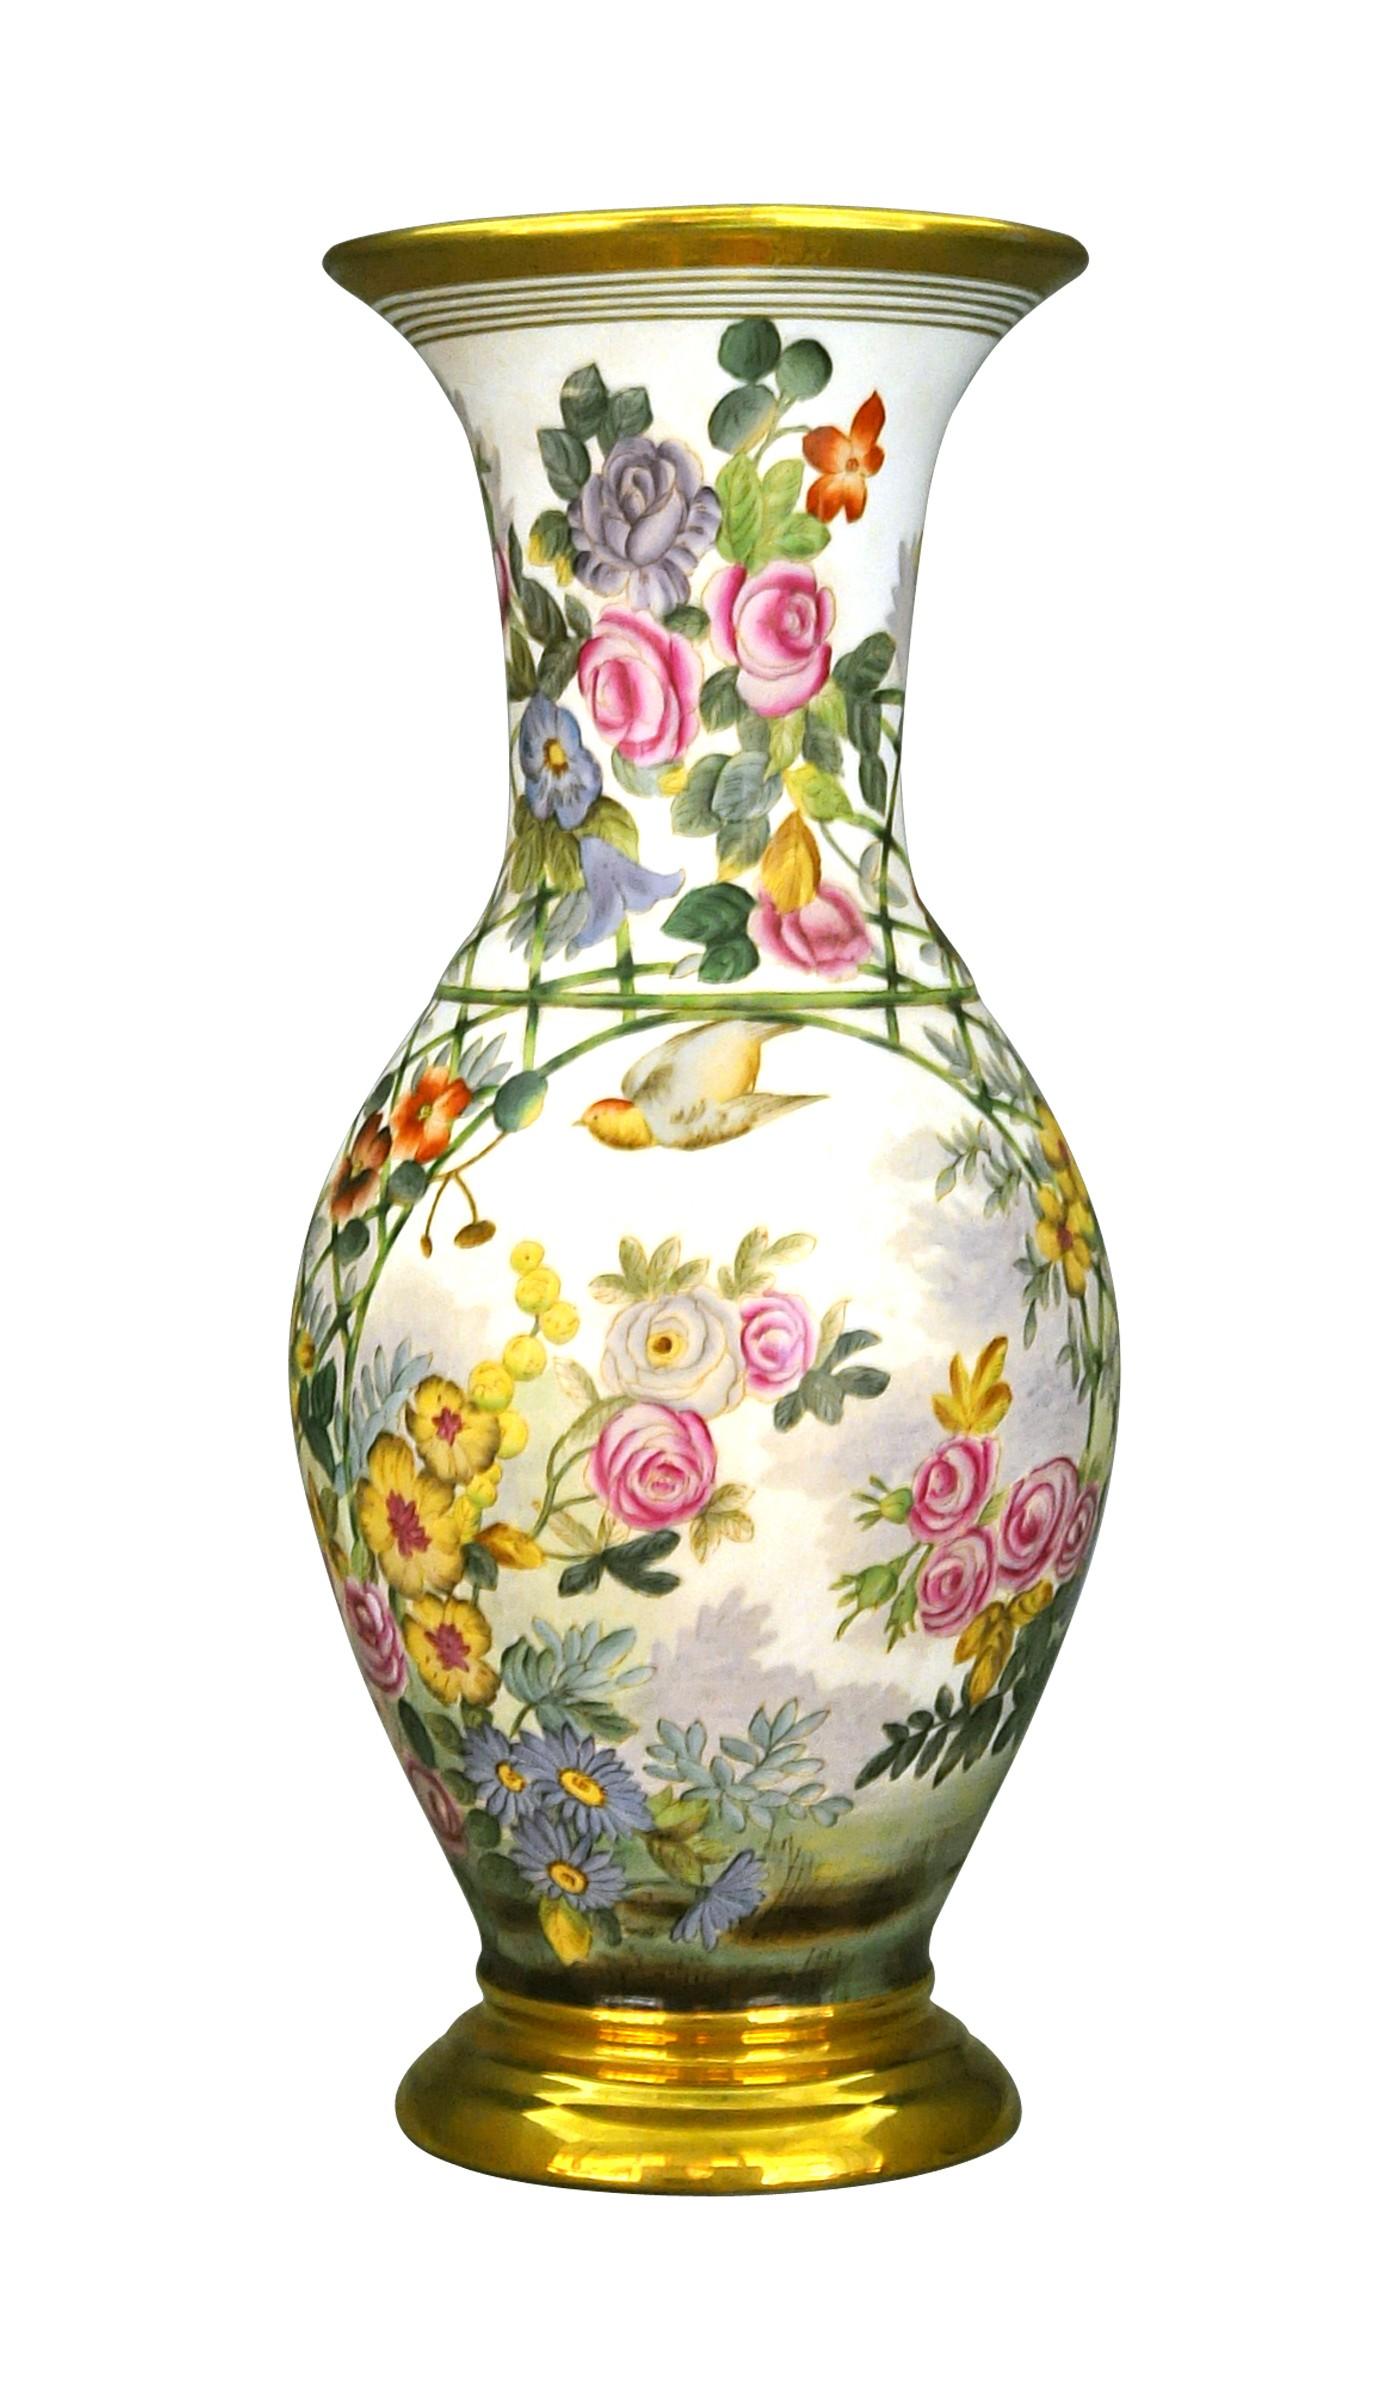 Cassolette Decoration De Bouquet De Fleurs